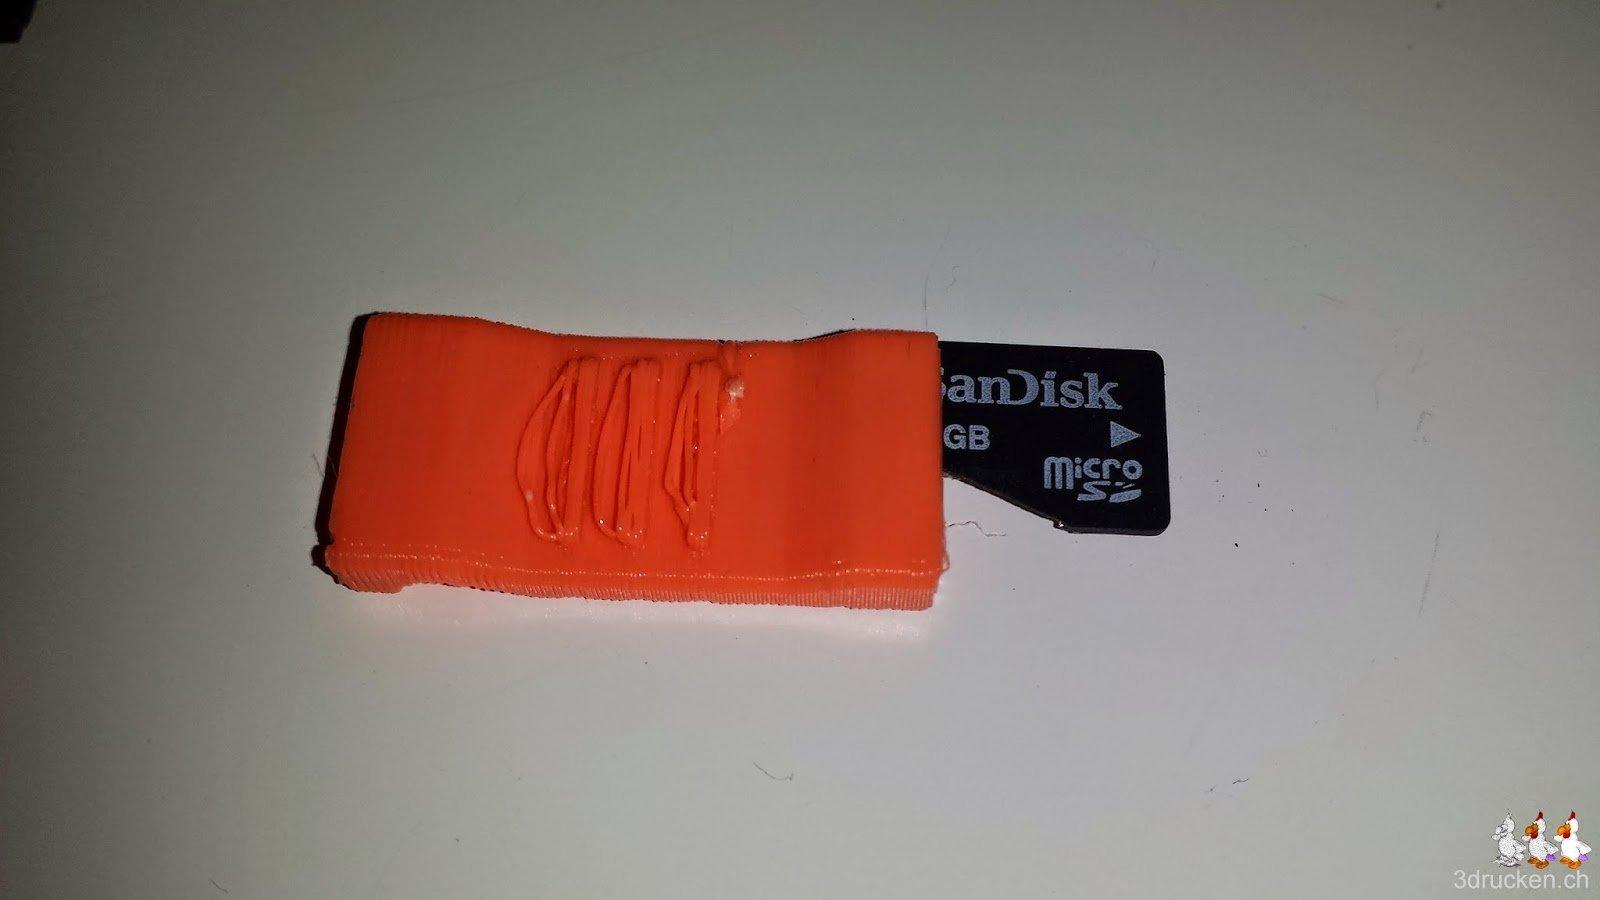 Foto der gebrochenen Micro SD-Karte im gedruckten Kartenhalter